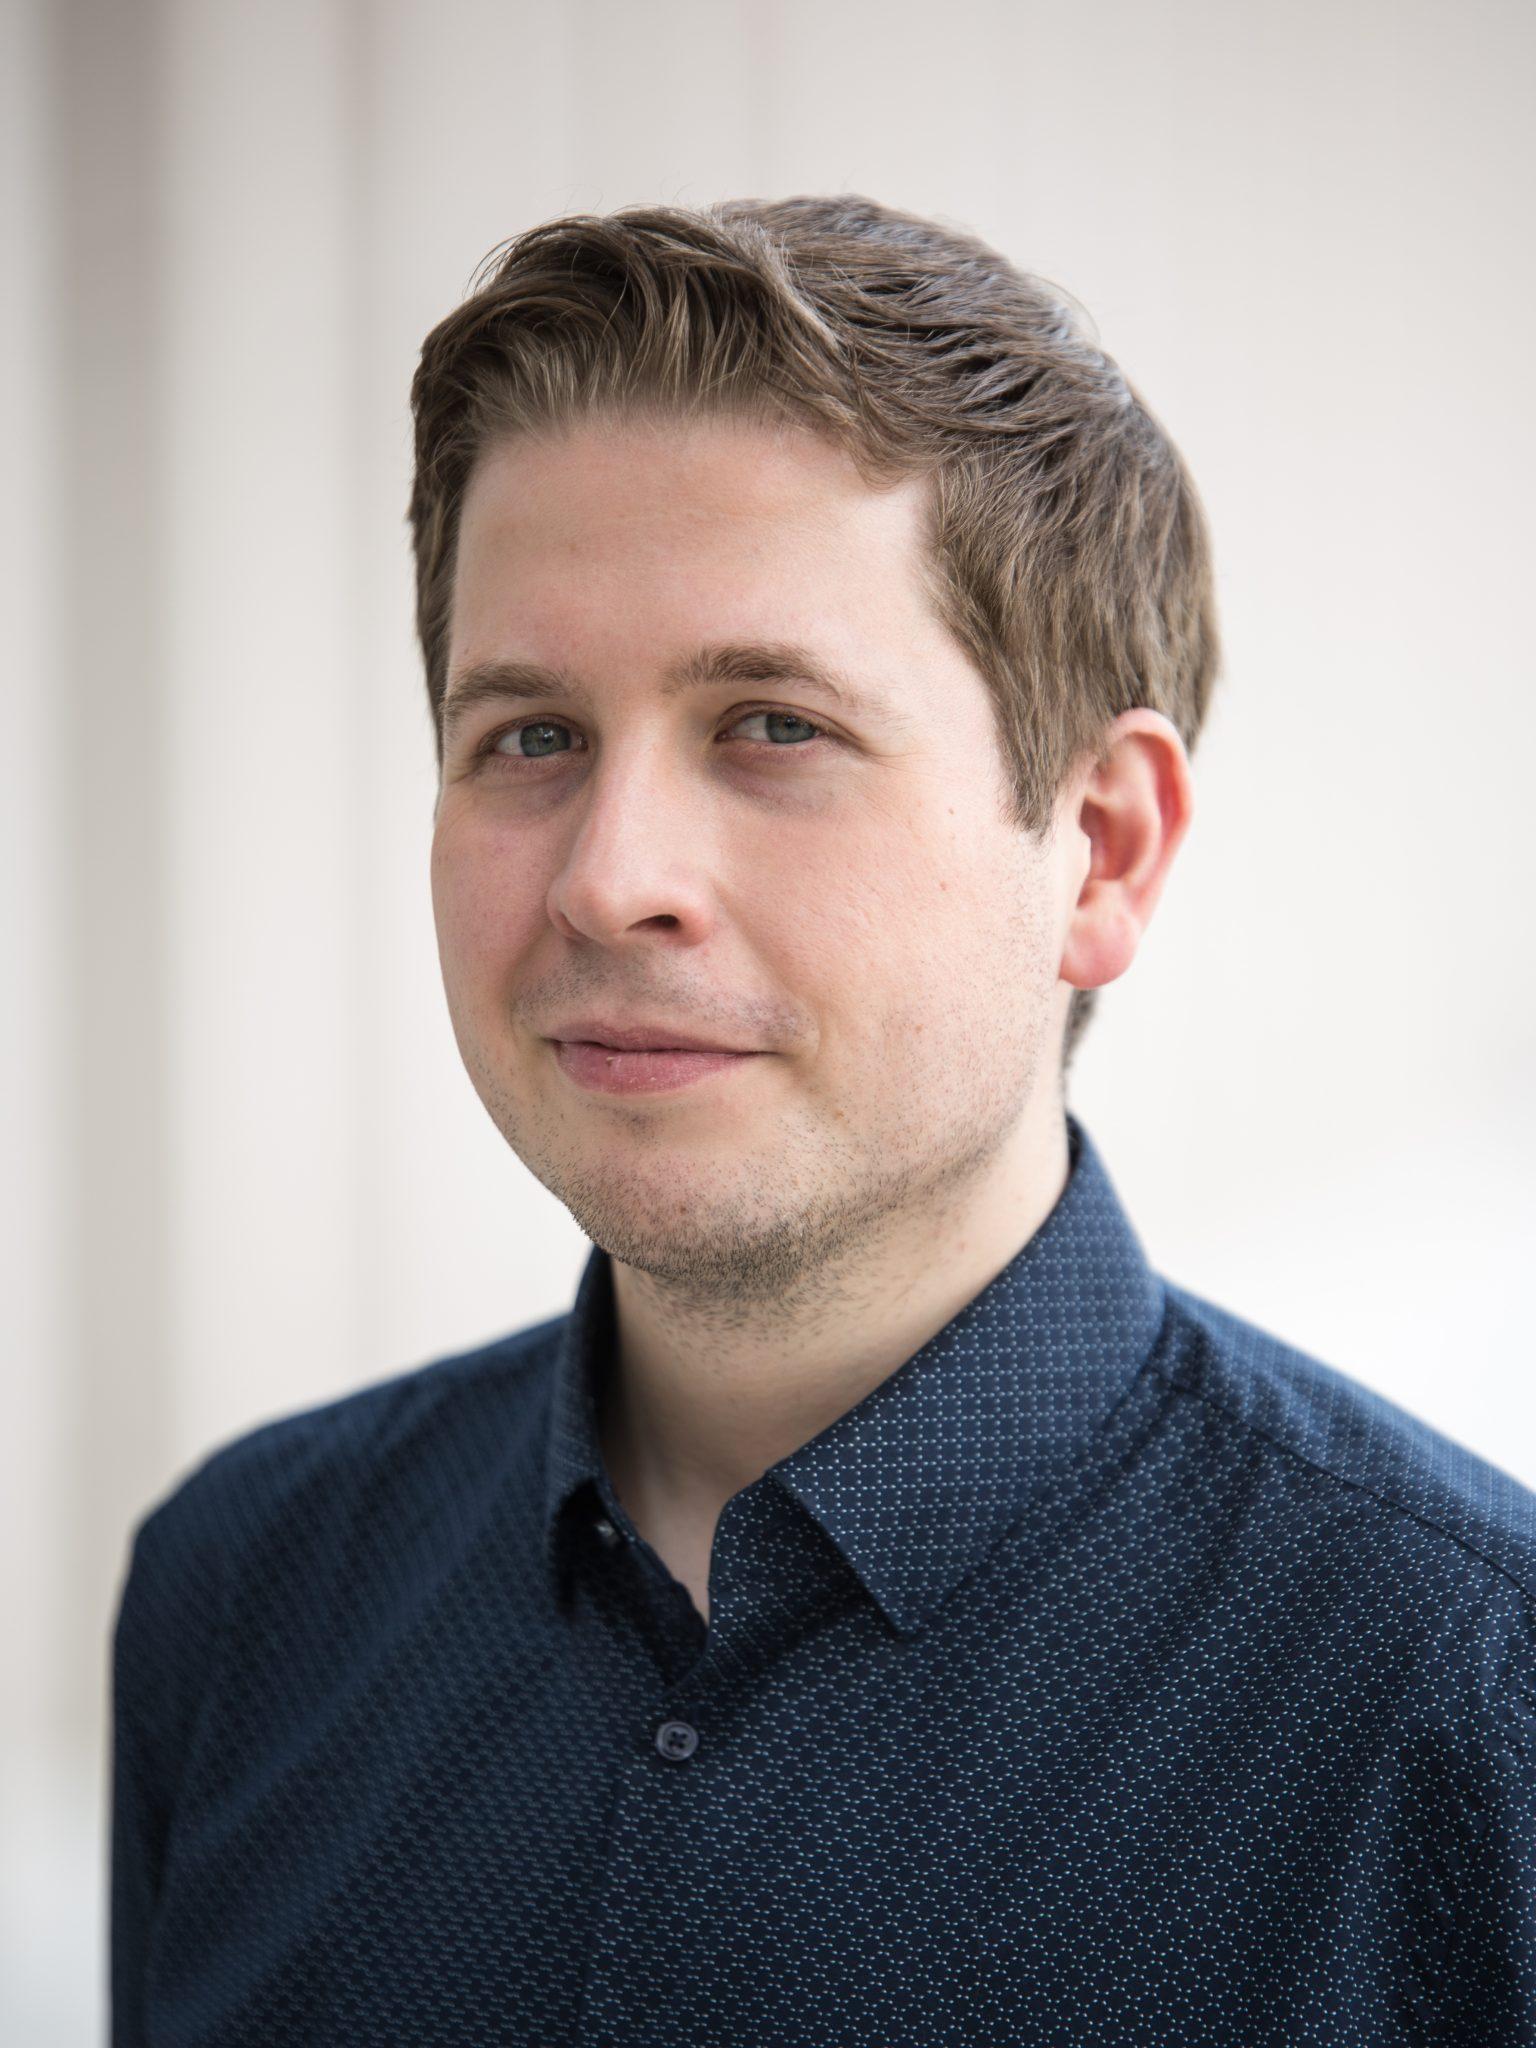 https://commons.wikimedia.org/wiki/File:MJK_19475_Kevin_K%C3%BChnert_(SPD-Bundesparteitag_2018).jpg?uselang=de